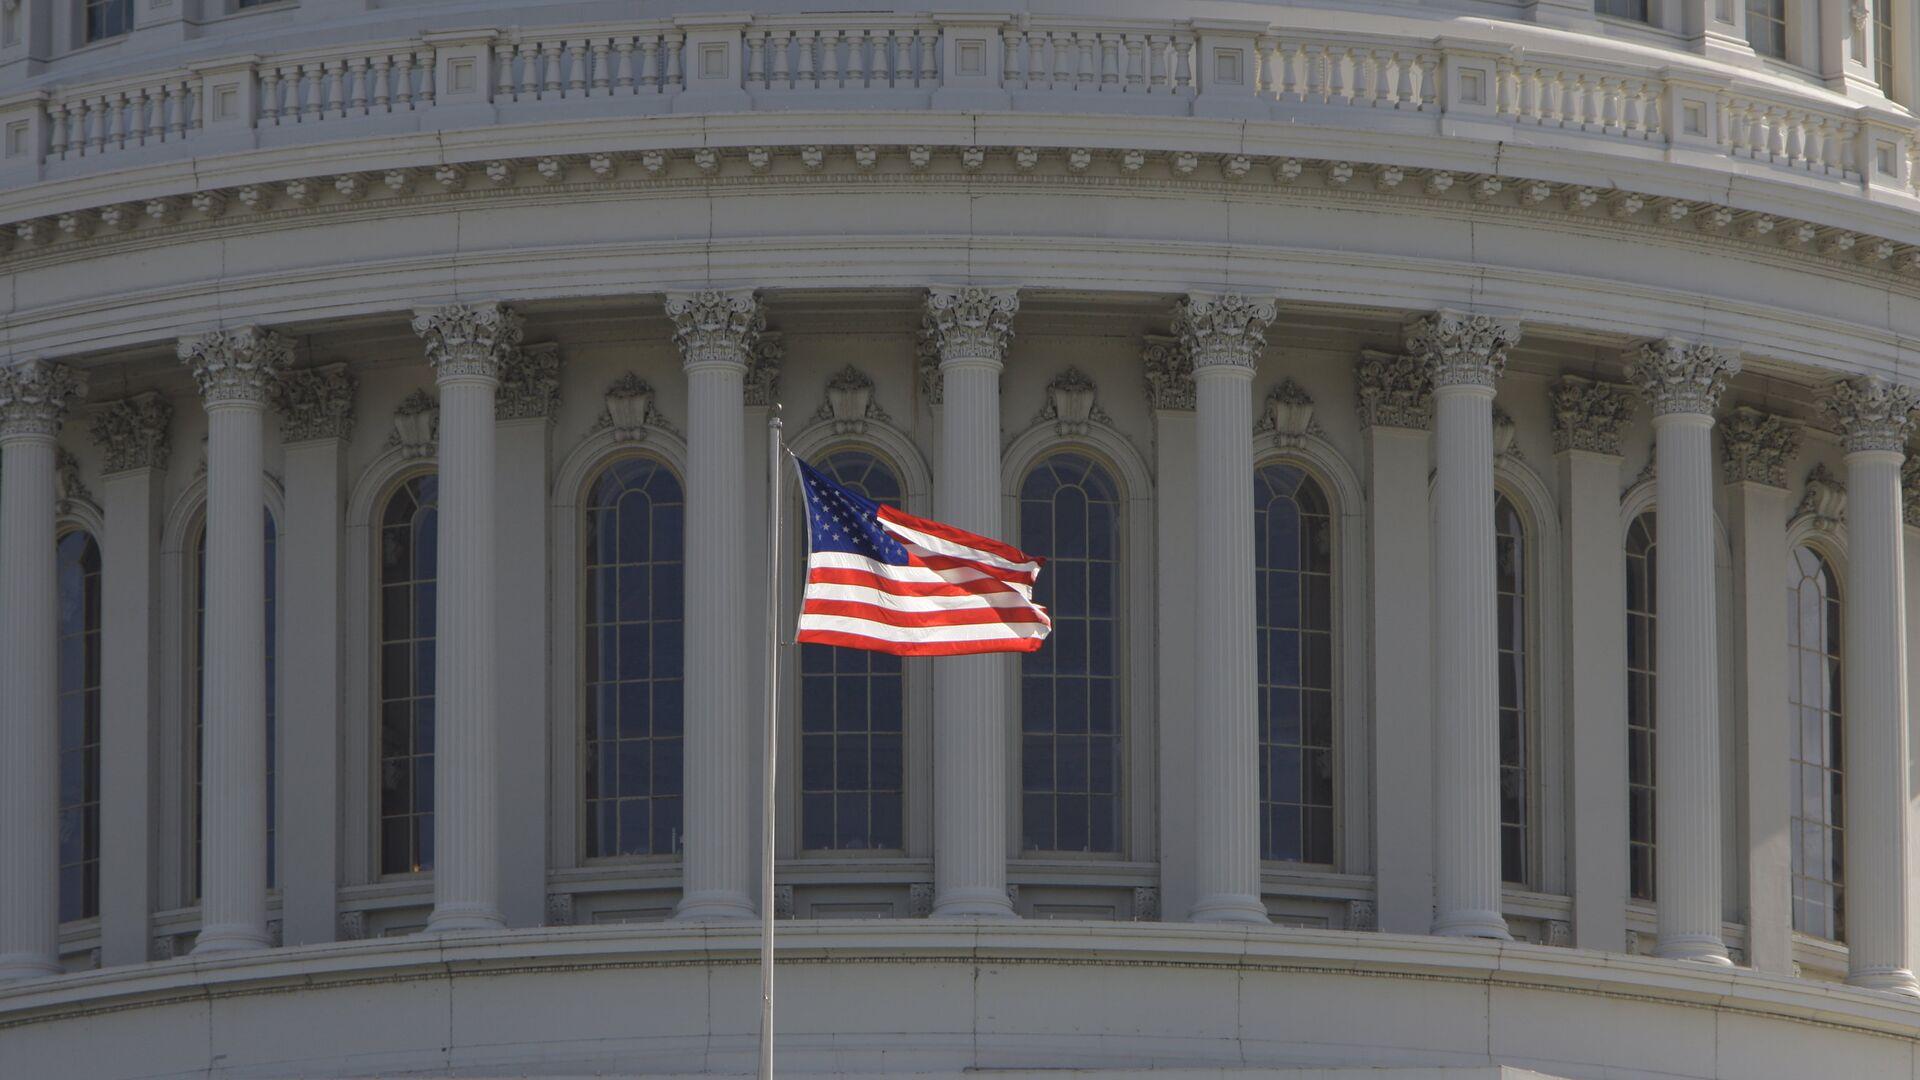 Капитолий, здание в Вашингтоне, где заседает конгресс США - РИА Новости, 1920, 04.02.2021